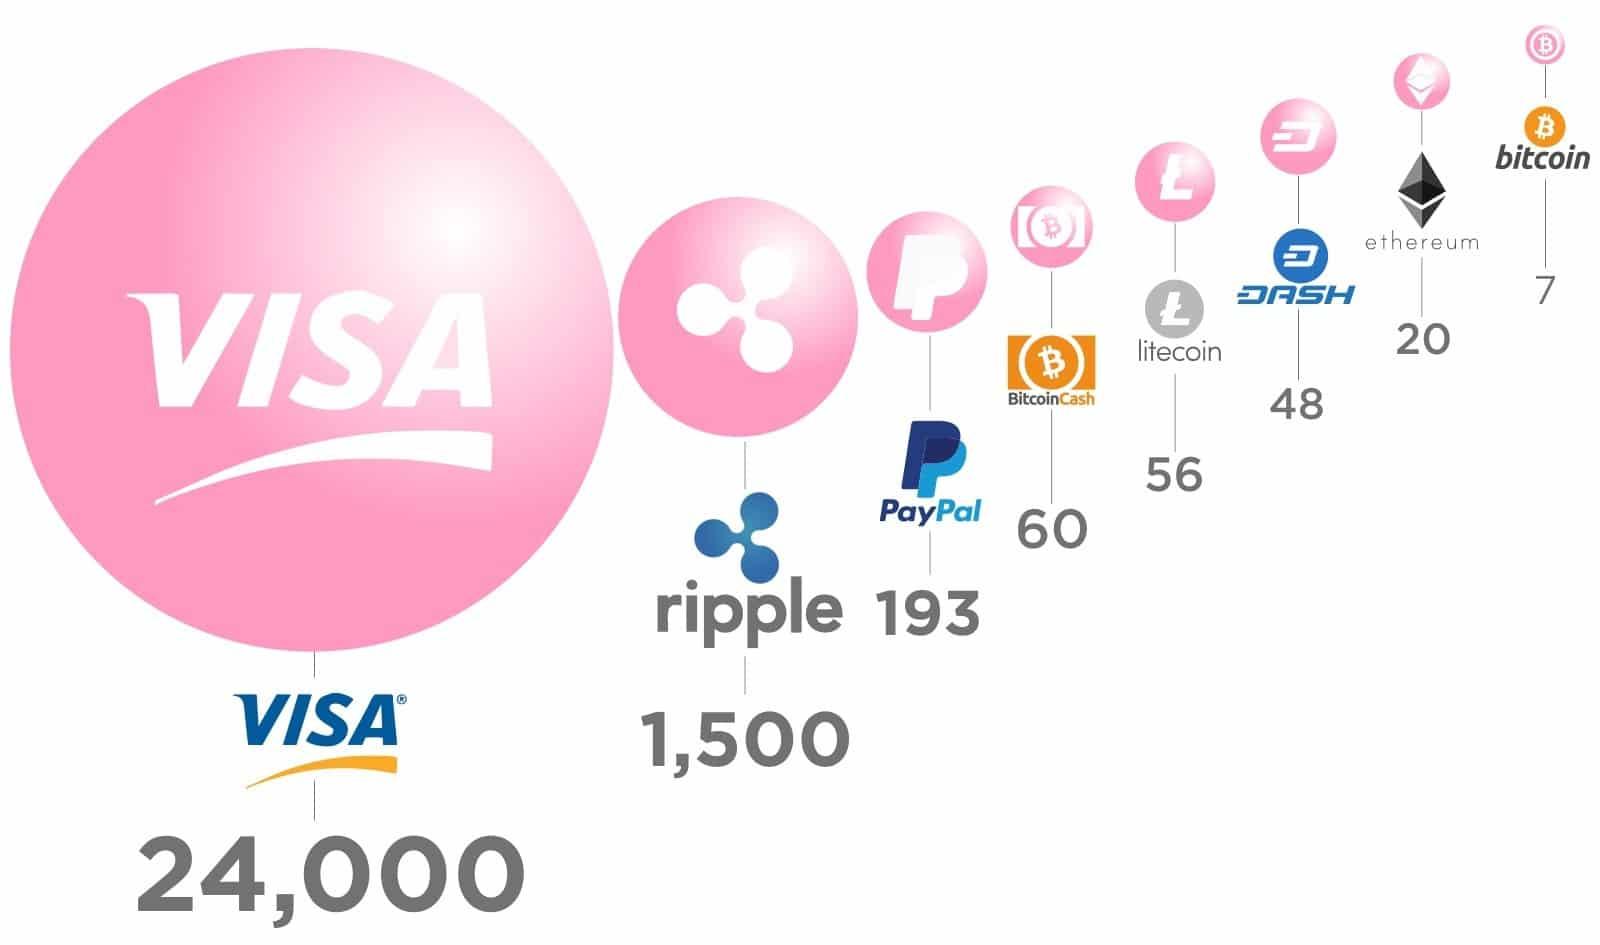 Transações por segundo bitcoin vs Visa. Fonte HowMuch